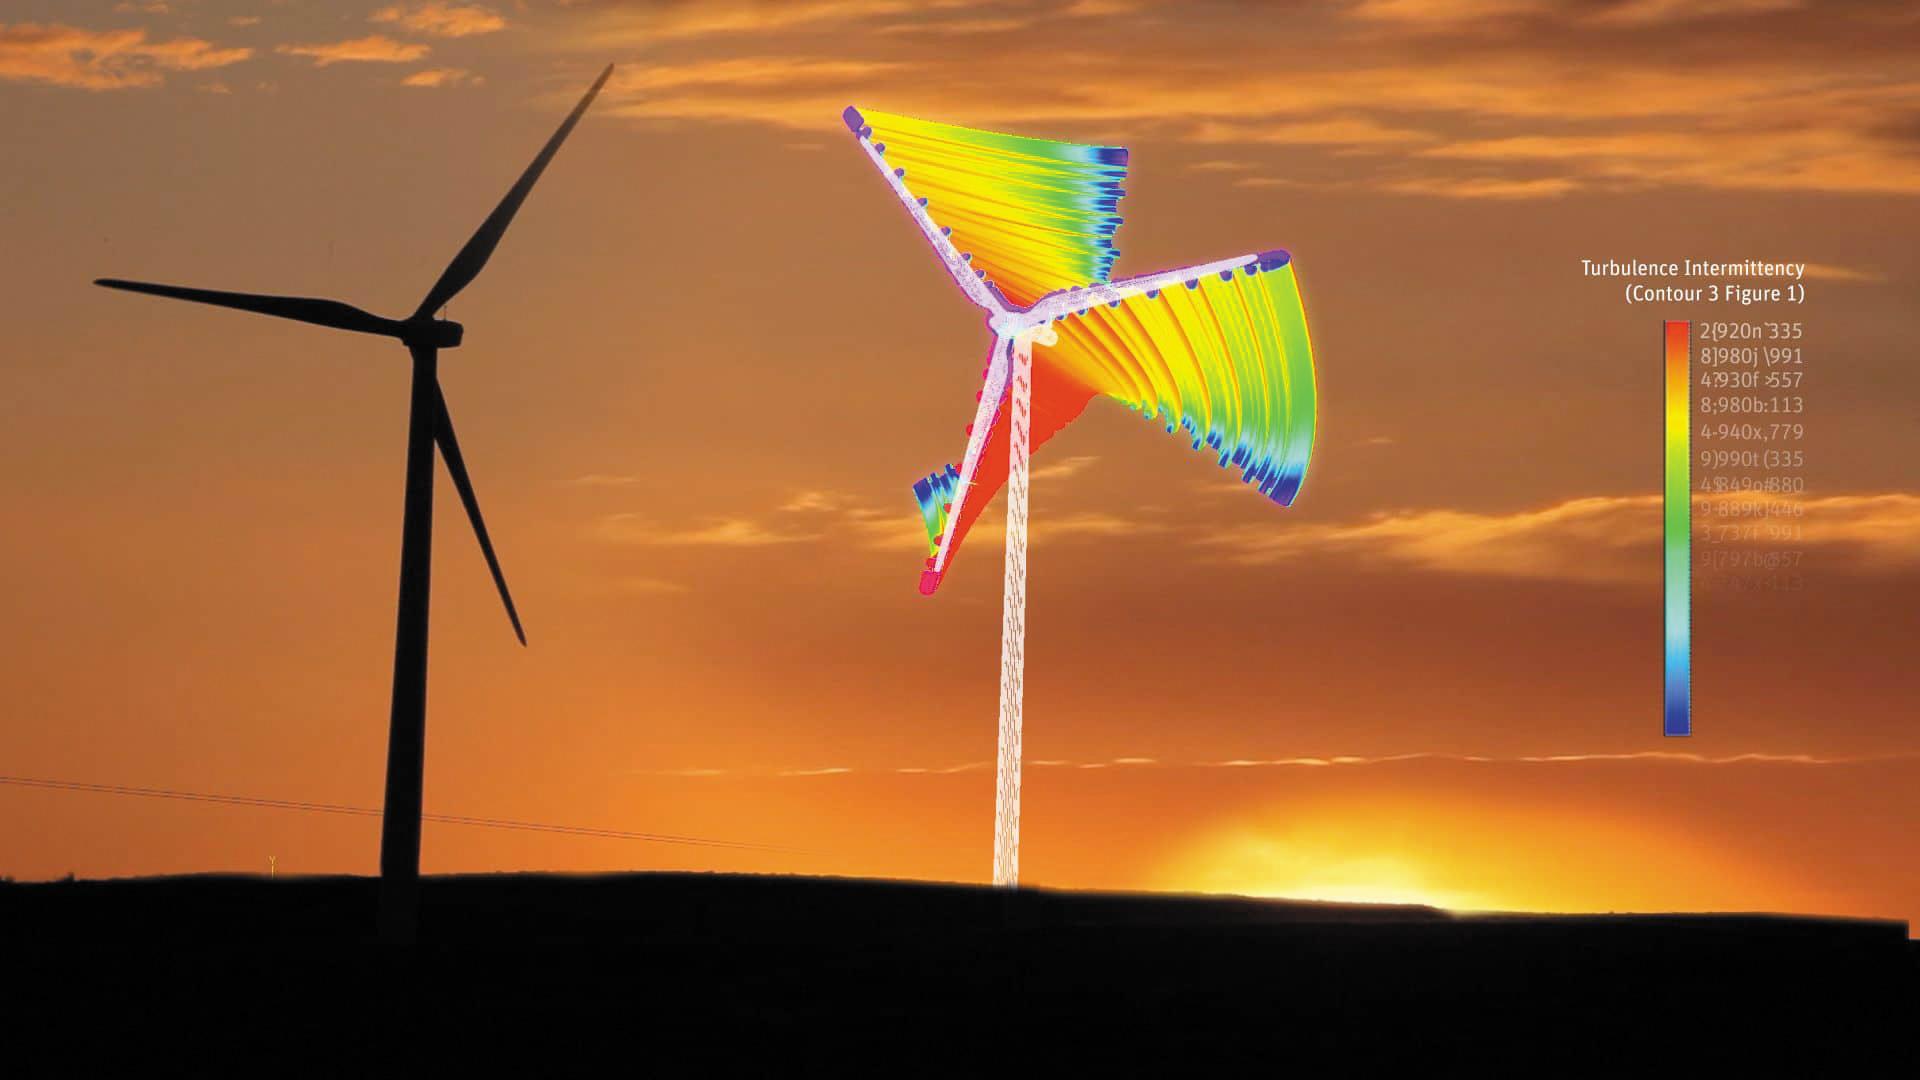 Цифровой двойник ветряной турбины, созданный на основе результатов многовариантных численных расчетов